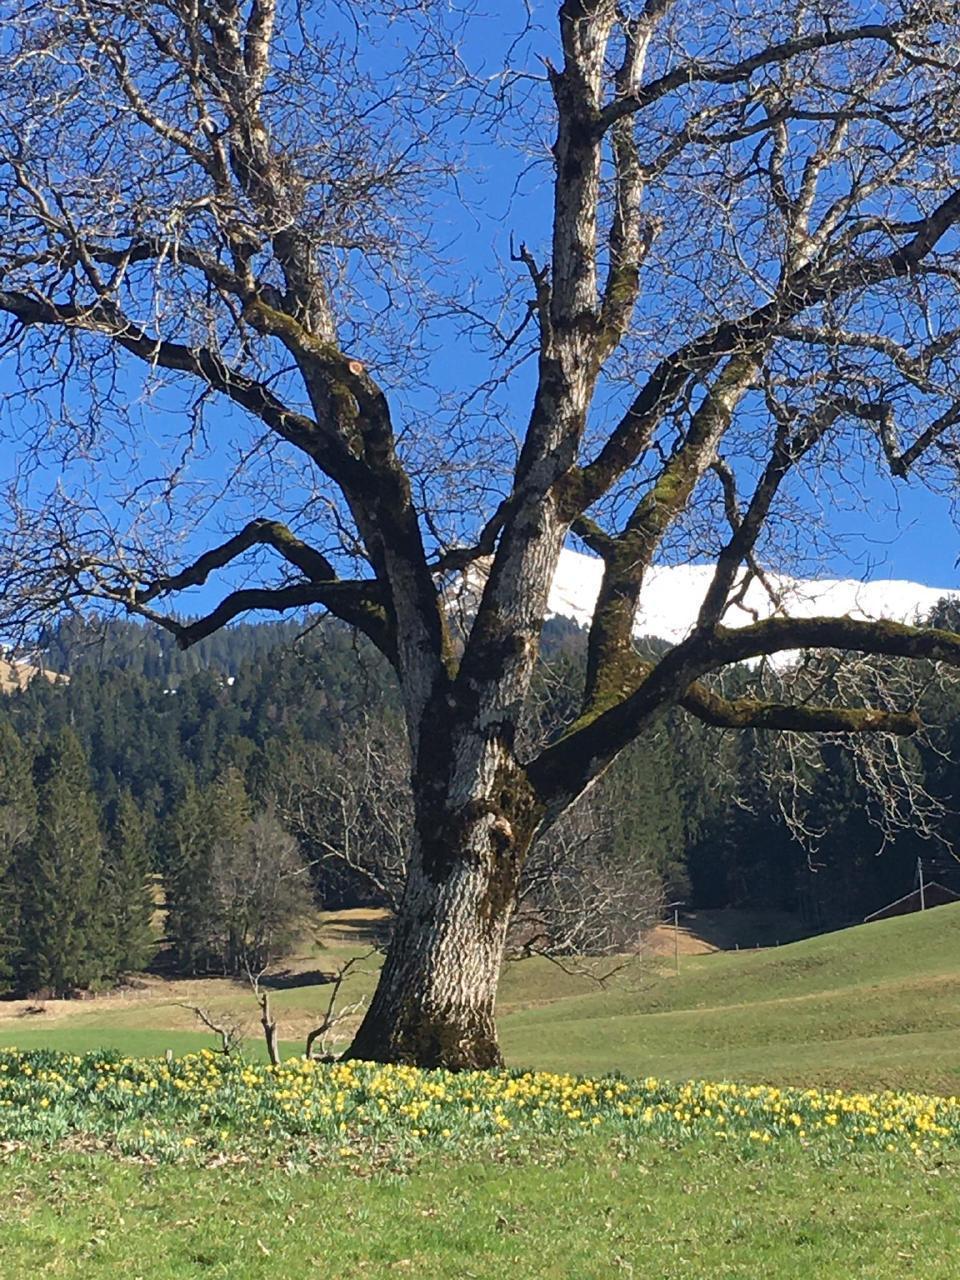 Appartement de vacances Chalet Park - Ferienwohnung privater Sauna und Hamam (934031), Diemtigen, Diemtigtal, Oberland bernois, Suisse, image 9